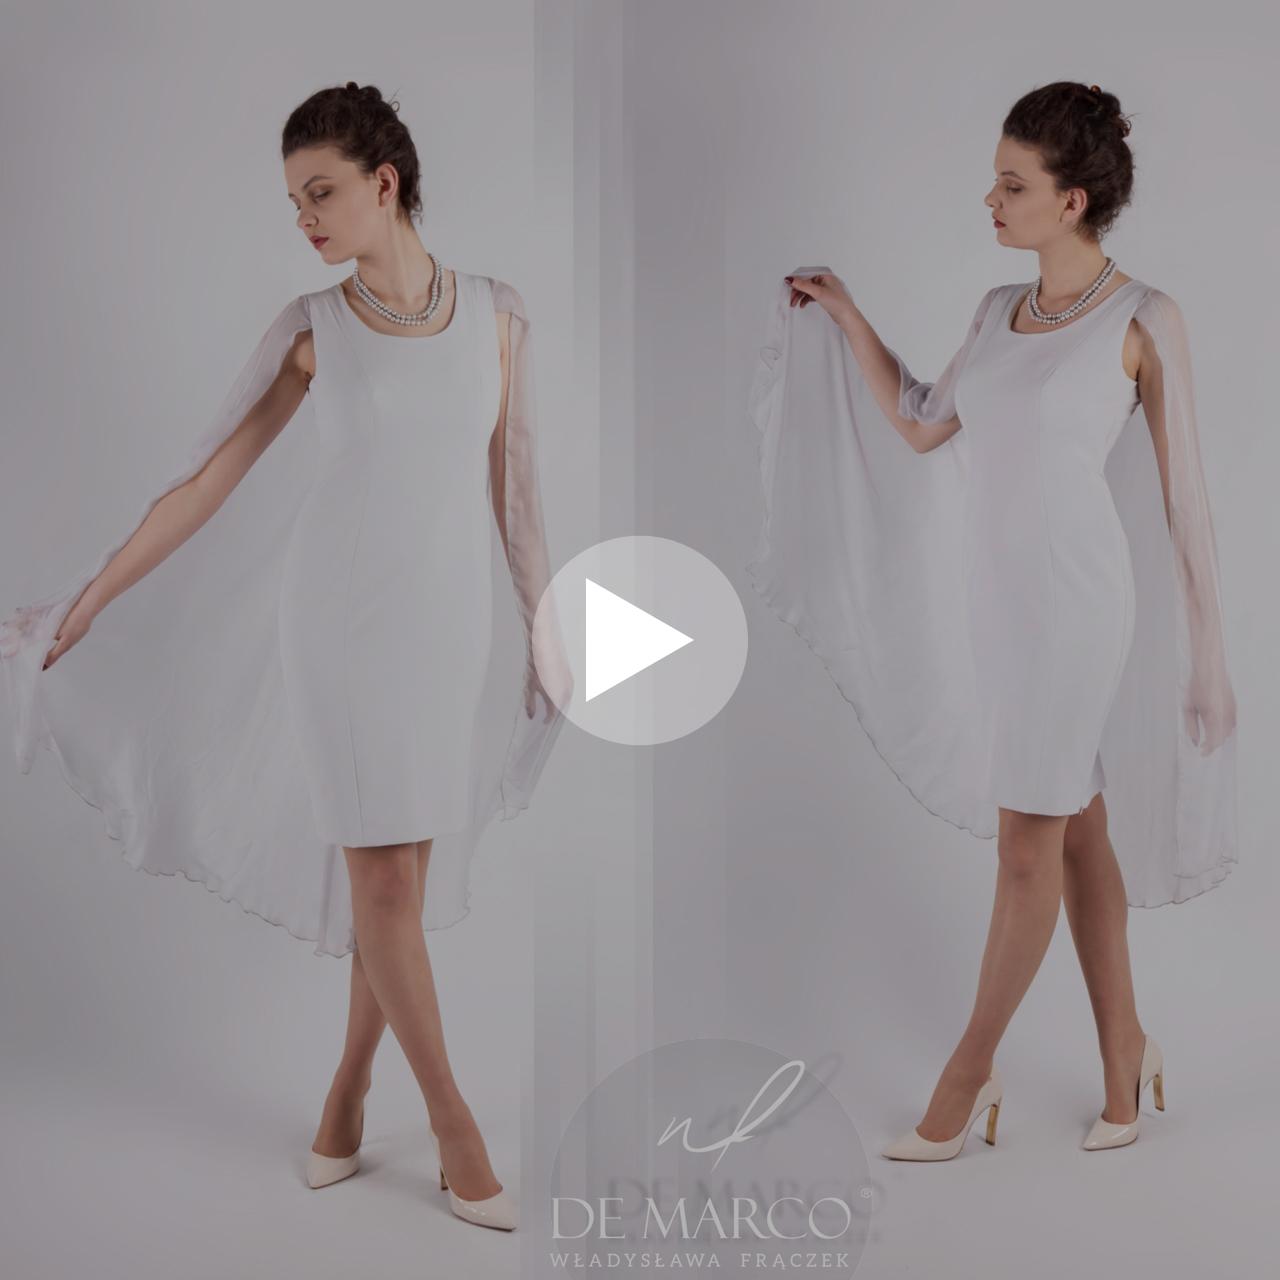 Ekskluzywne sukienki na wesele szyte na miarę w De Marco. Popielata suknia z jedwabiem dla mamy wesela i nie tylko. Kilka odsłon tej same sukienki różnymi żakietami i płaszczem.